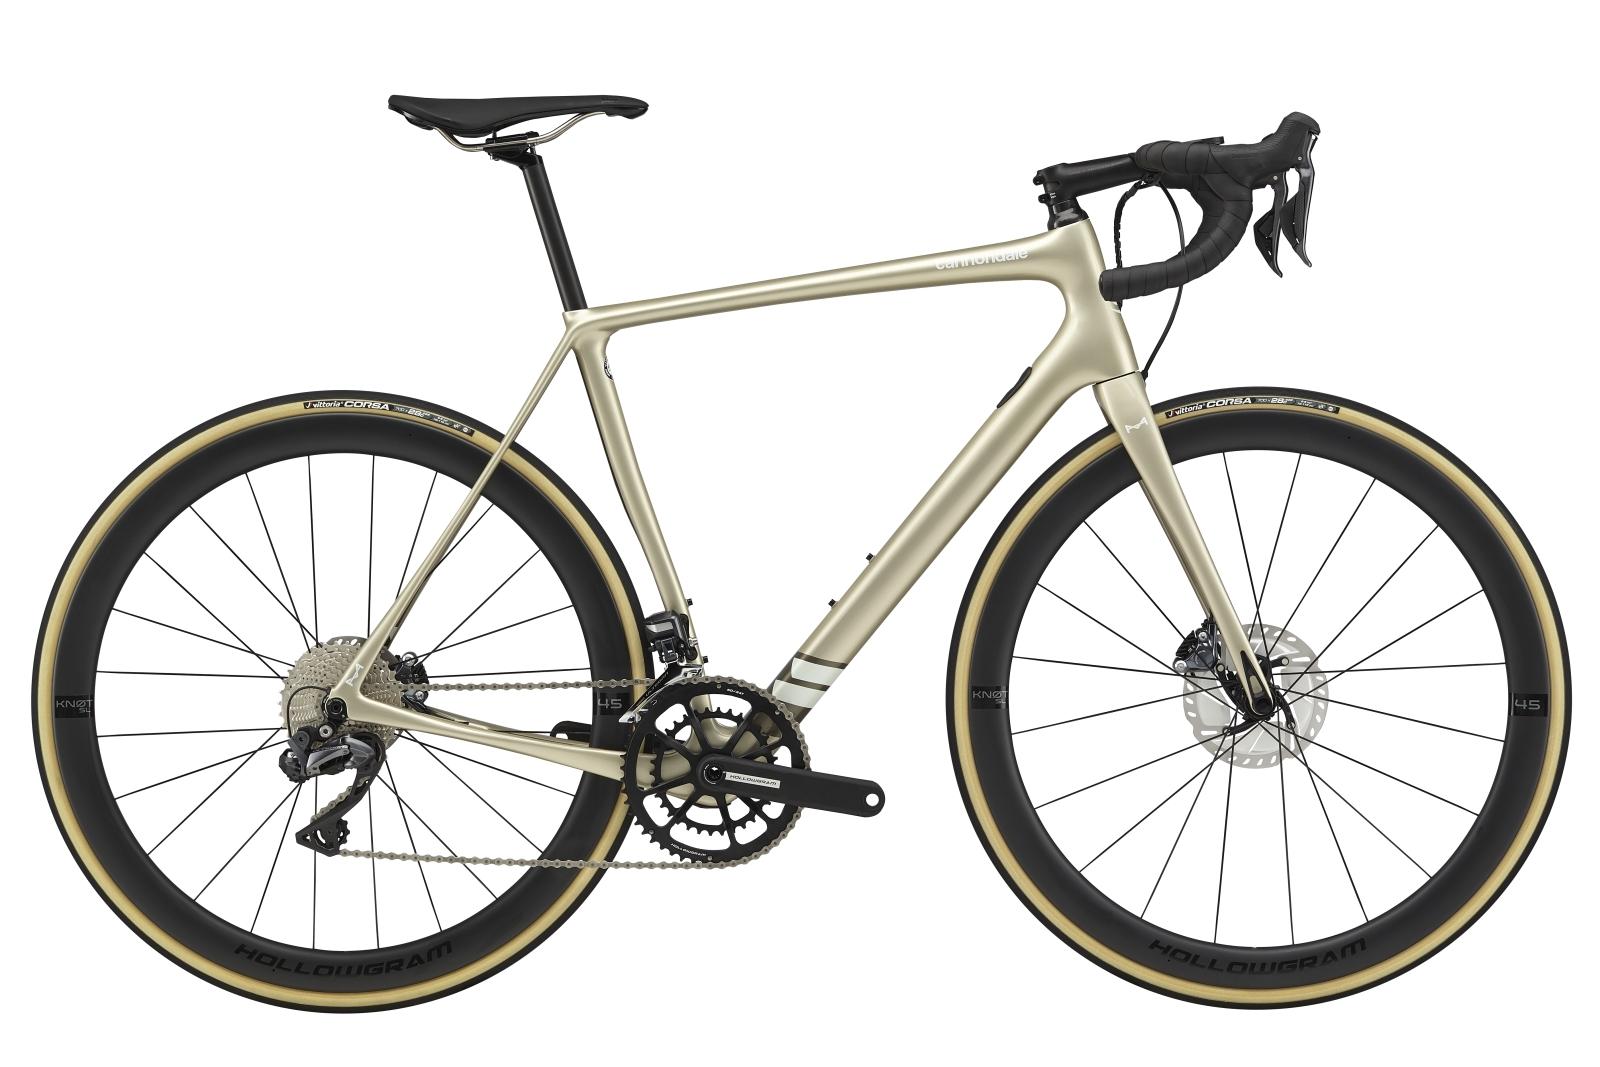 Cannondale Synapse Carbon Hi-MOD Disc Ultegra Di2 országúti kerékpár - pezsgő - 51 cm (2020)